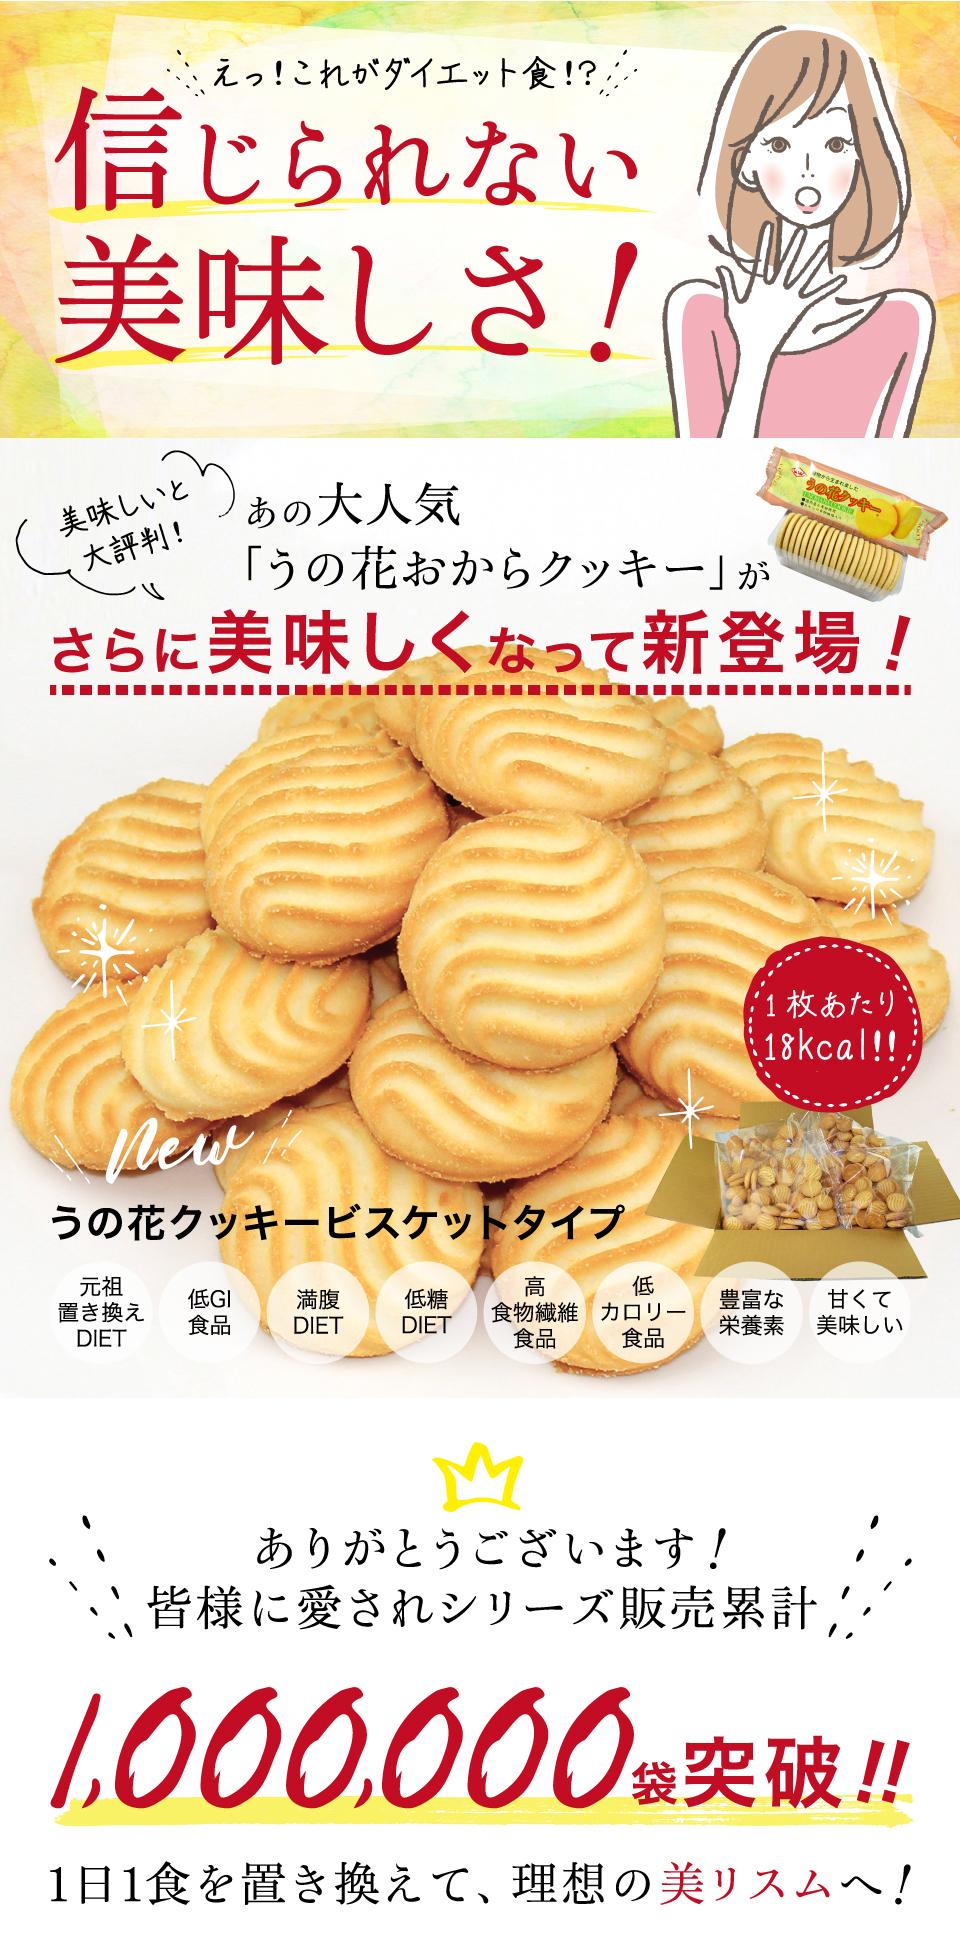 新商品【大容量】うの花クッキービスケットタイプ ダイエット クッキー  2箱 250g×6袋 ビスケット うの花クッキー【楽天最安値挑戦中】ダイエット食品 ヘルシークッキー おからクッキー おから ダイエットクッキー 置き換え ダイエット